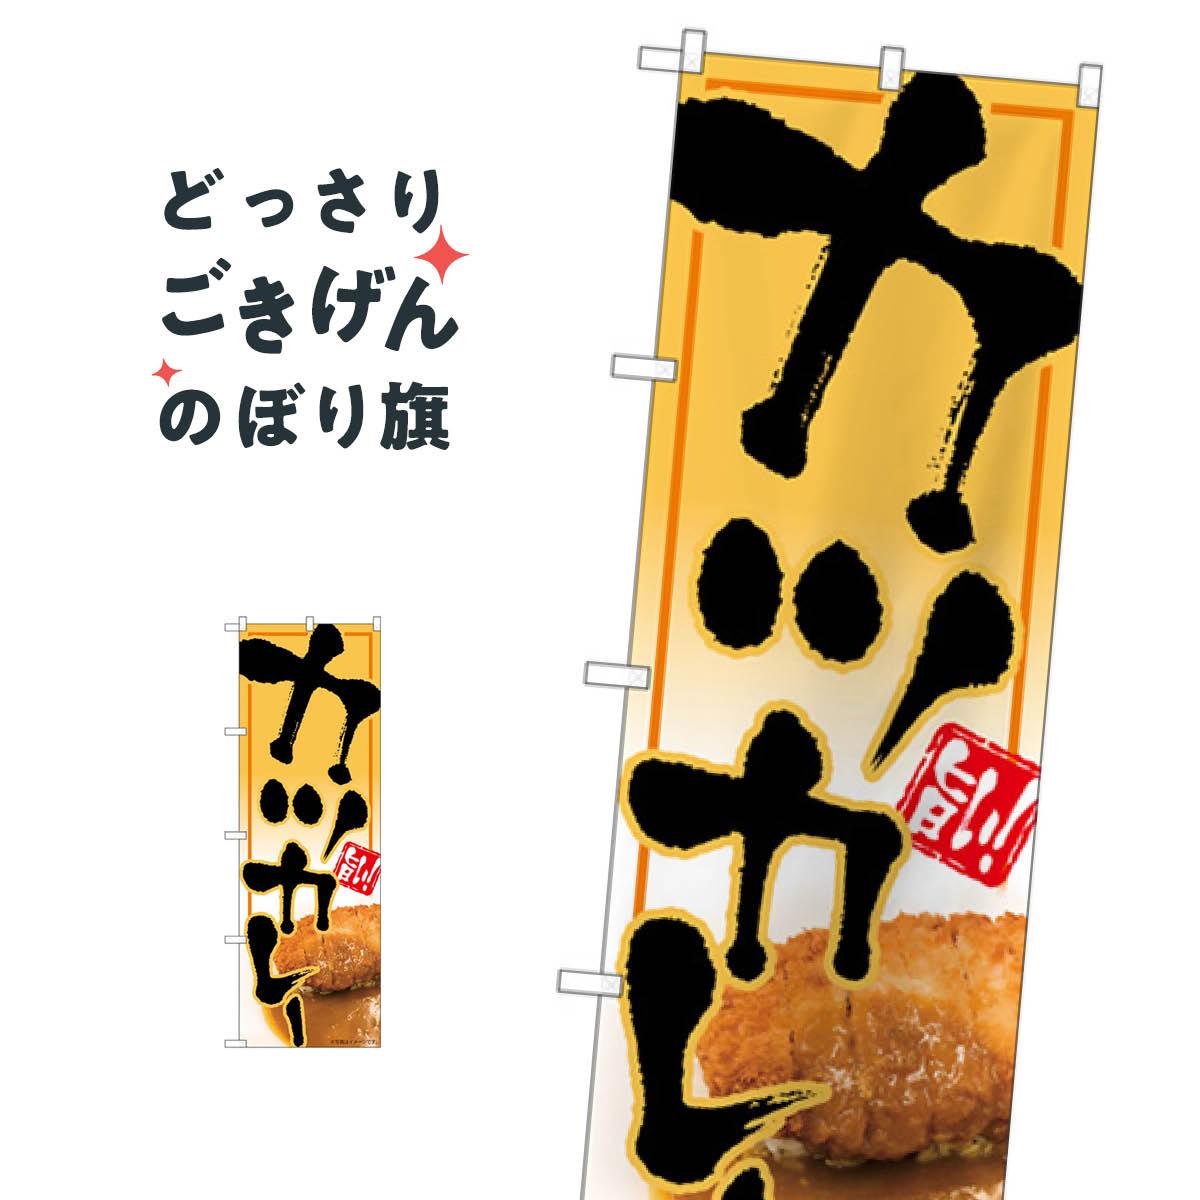 日本全国 送料無料 長年商売繁盛を支える街でよく見るお馴染み元祖のぼり旗 お買得 カツカレー のぼり旗 82615 カレーライス